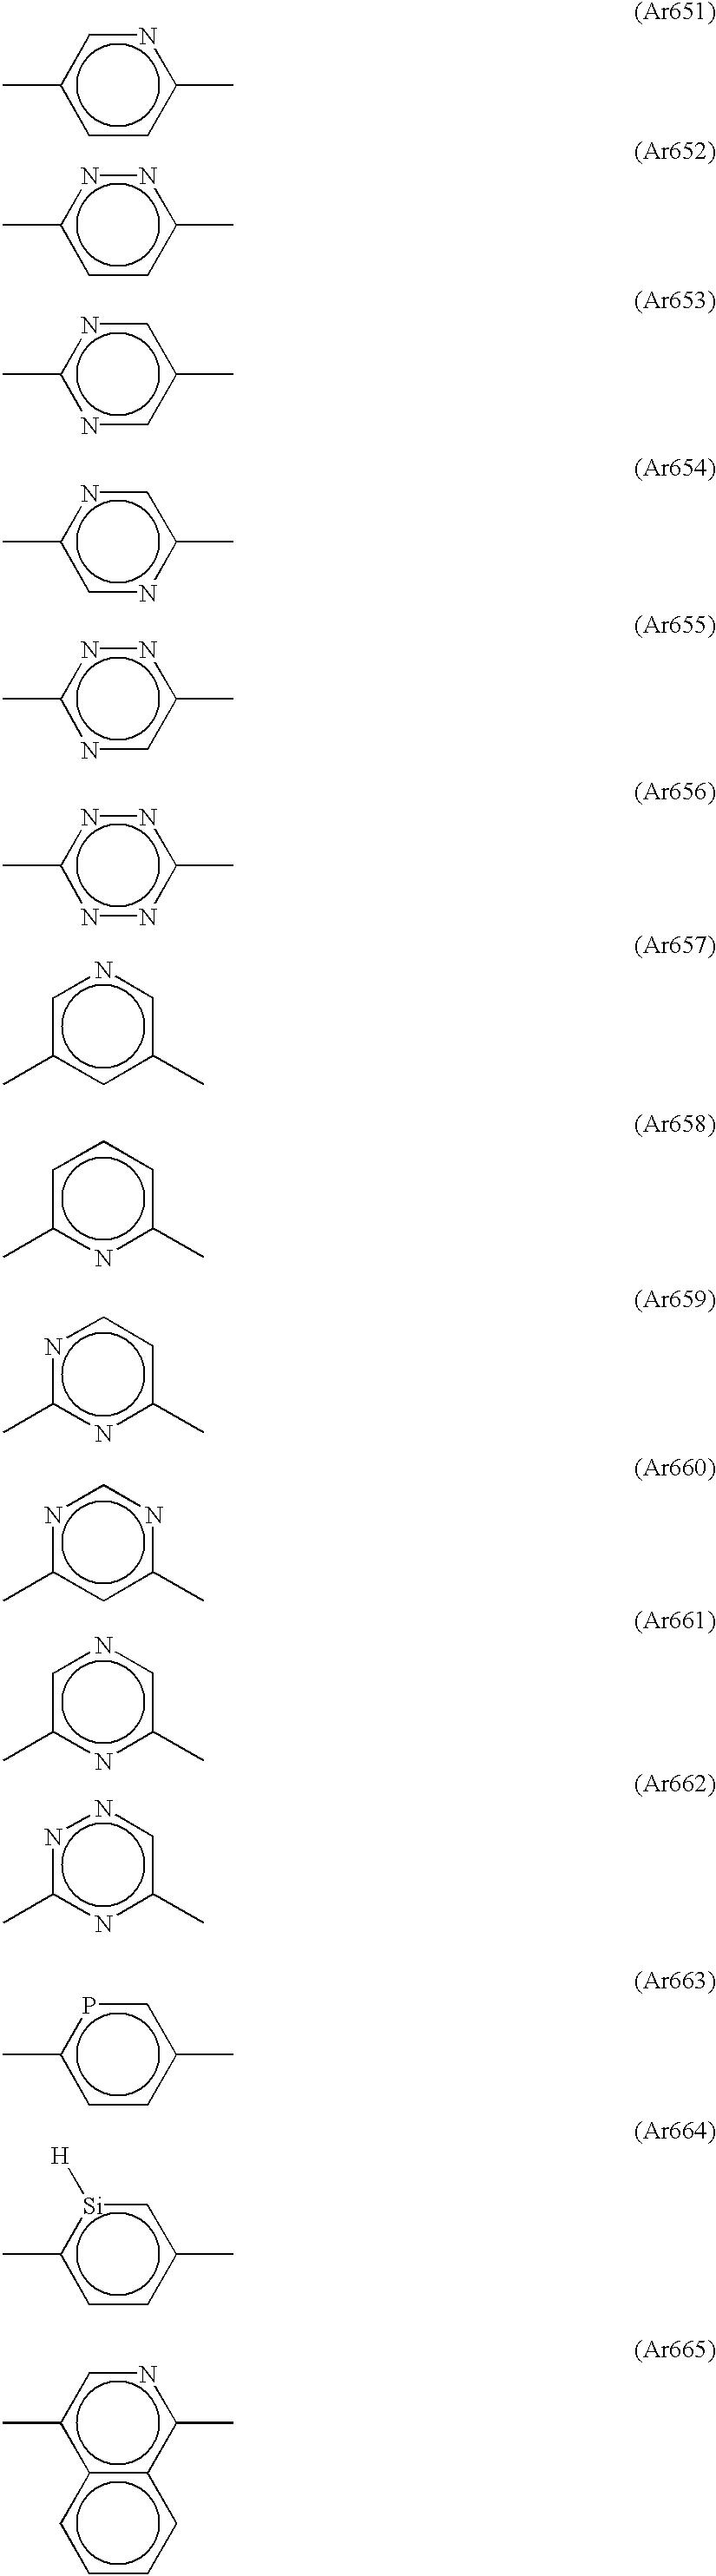 Figure US20030011725A1-20030116-C00005